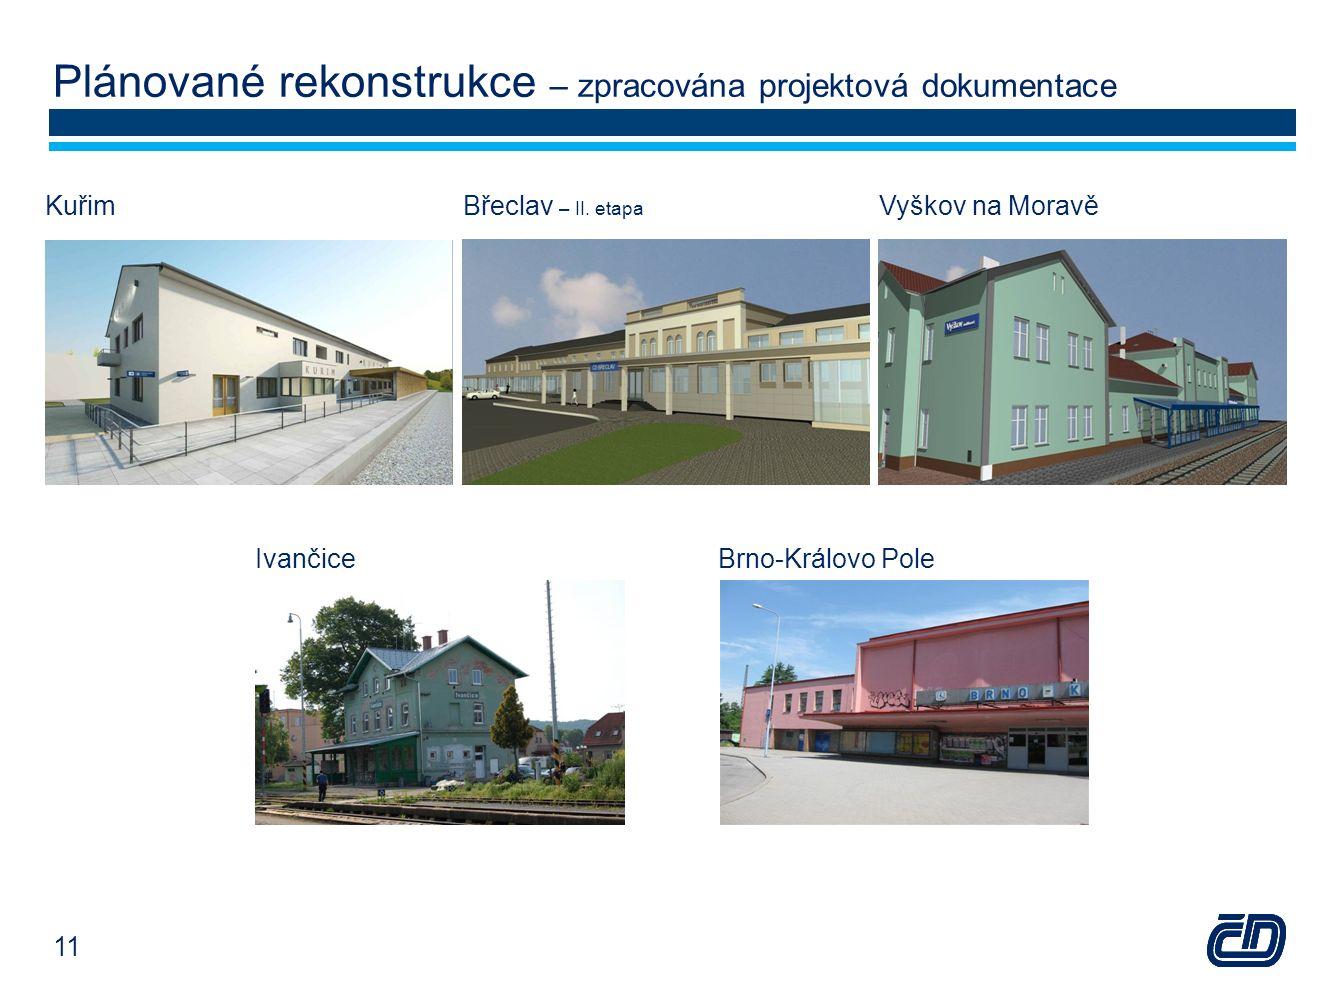 Plánované rekonstrukce – zpracována projektová dokumentace Vyškov na MoravěBřeclav – II. etapa Kuřim IvančiceBrno-Královo Pole 11